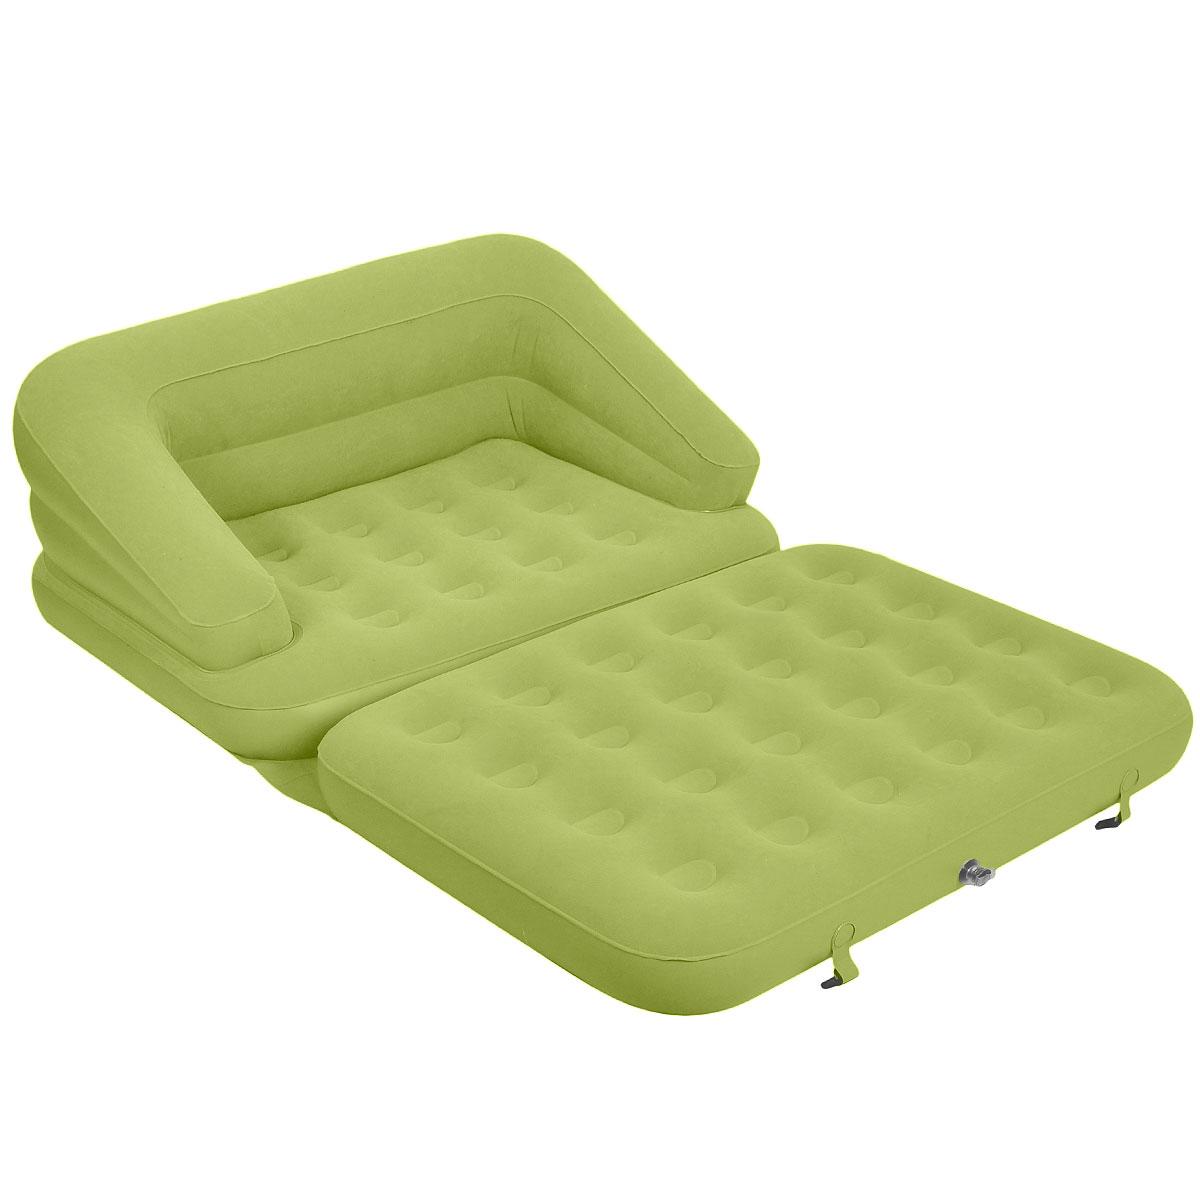 Кресло-кровать SOFA BED, трансформер, с электрическим насосом